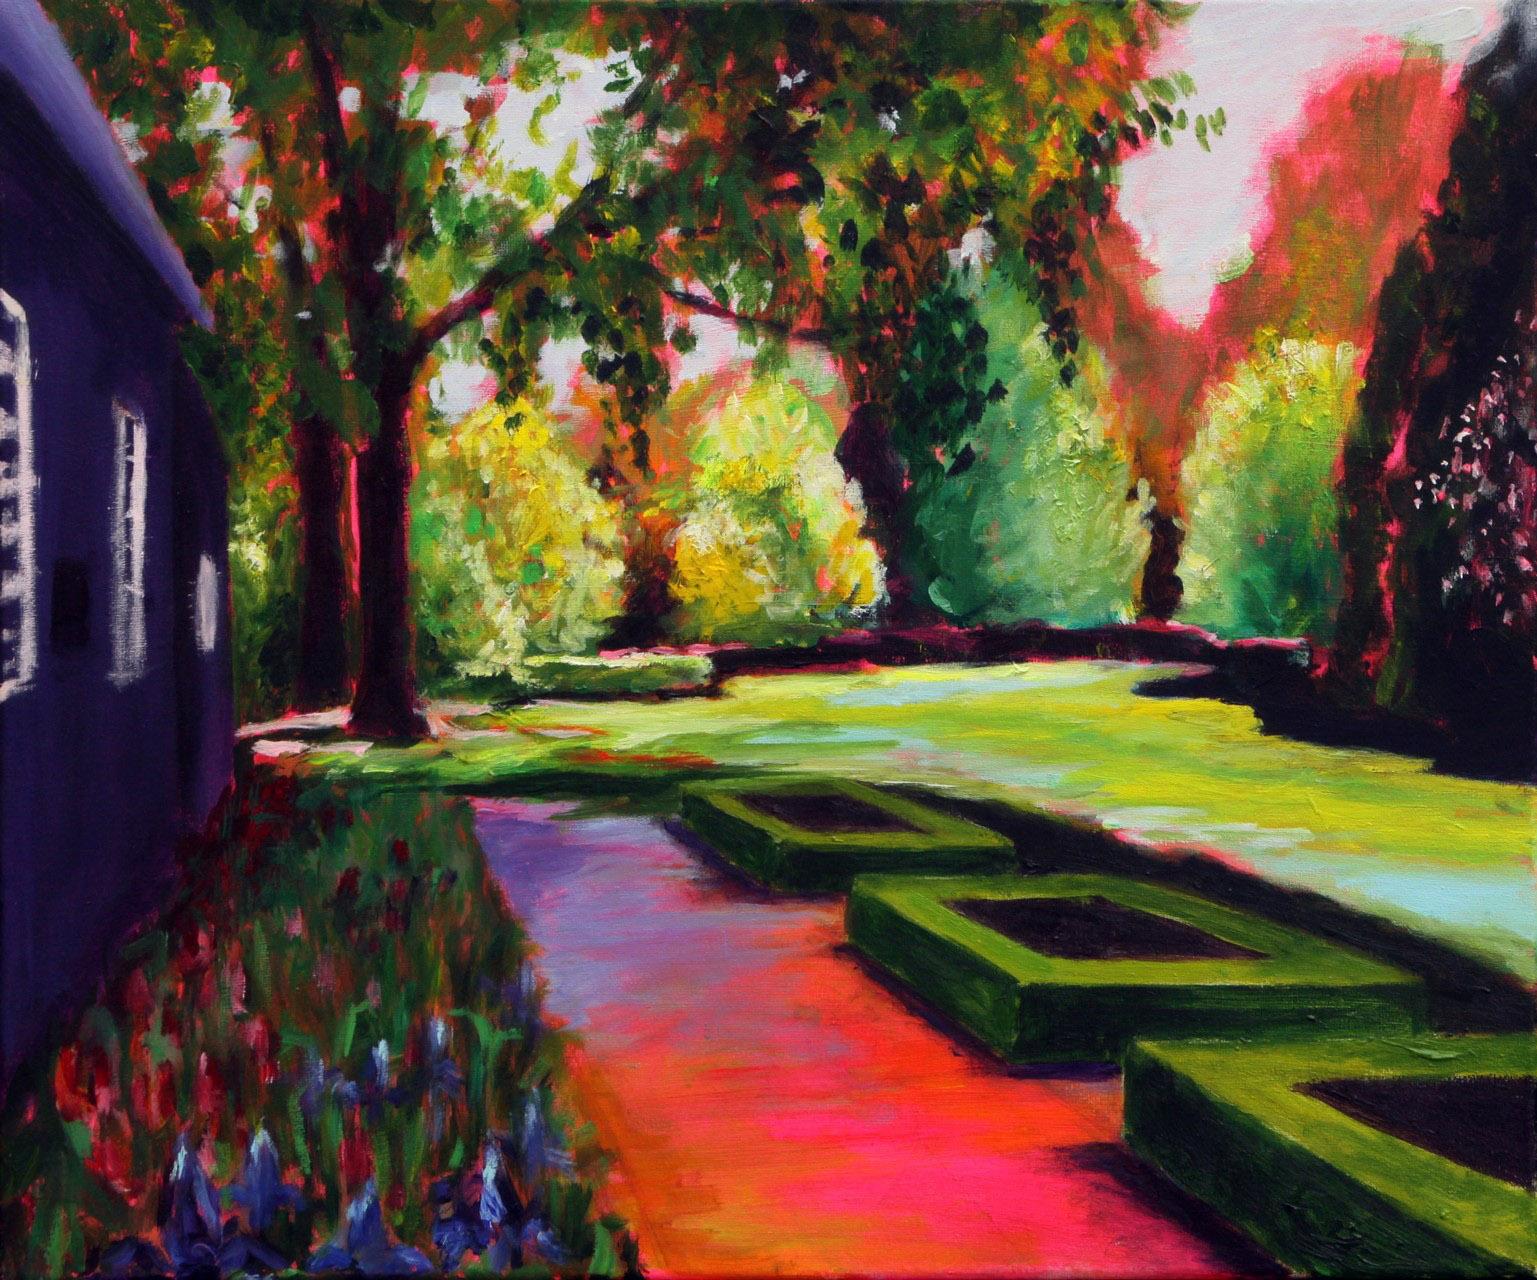 Fokkema_van_den_Berg_Gerdien_De tuin van de pastorie_Acryl op linnen_150X100cm-1